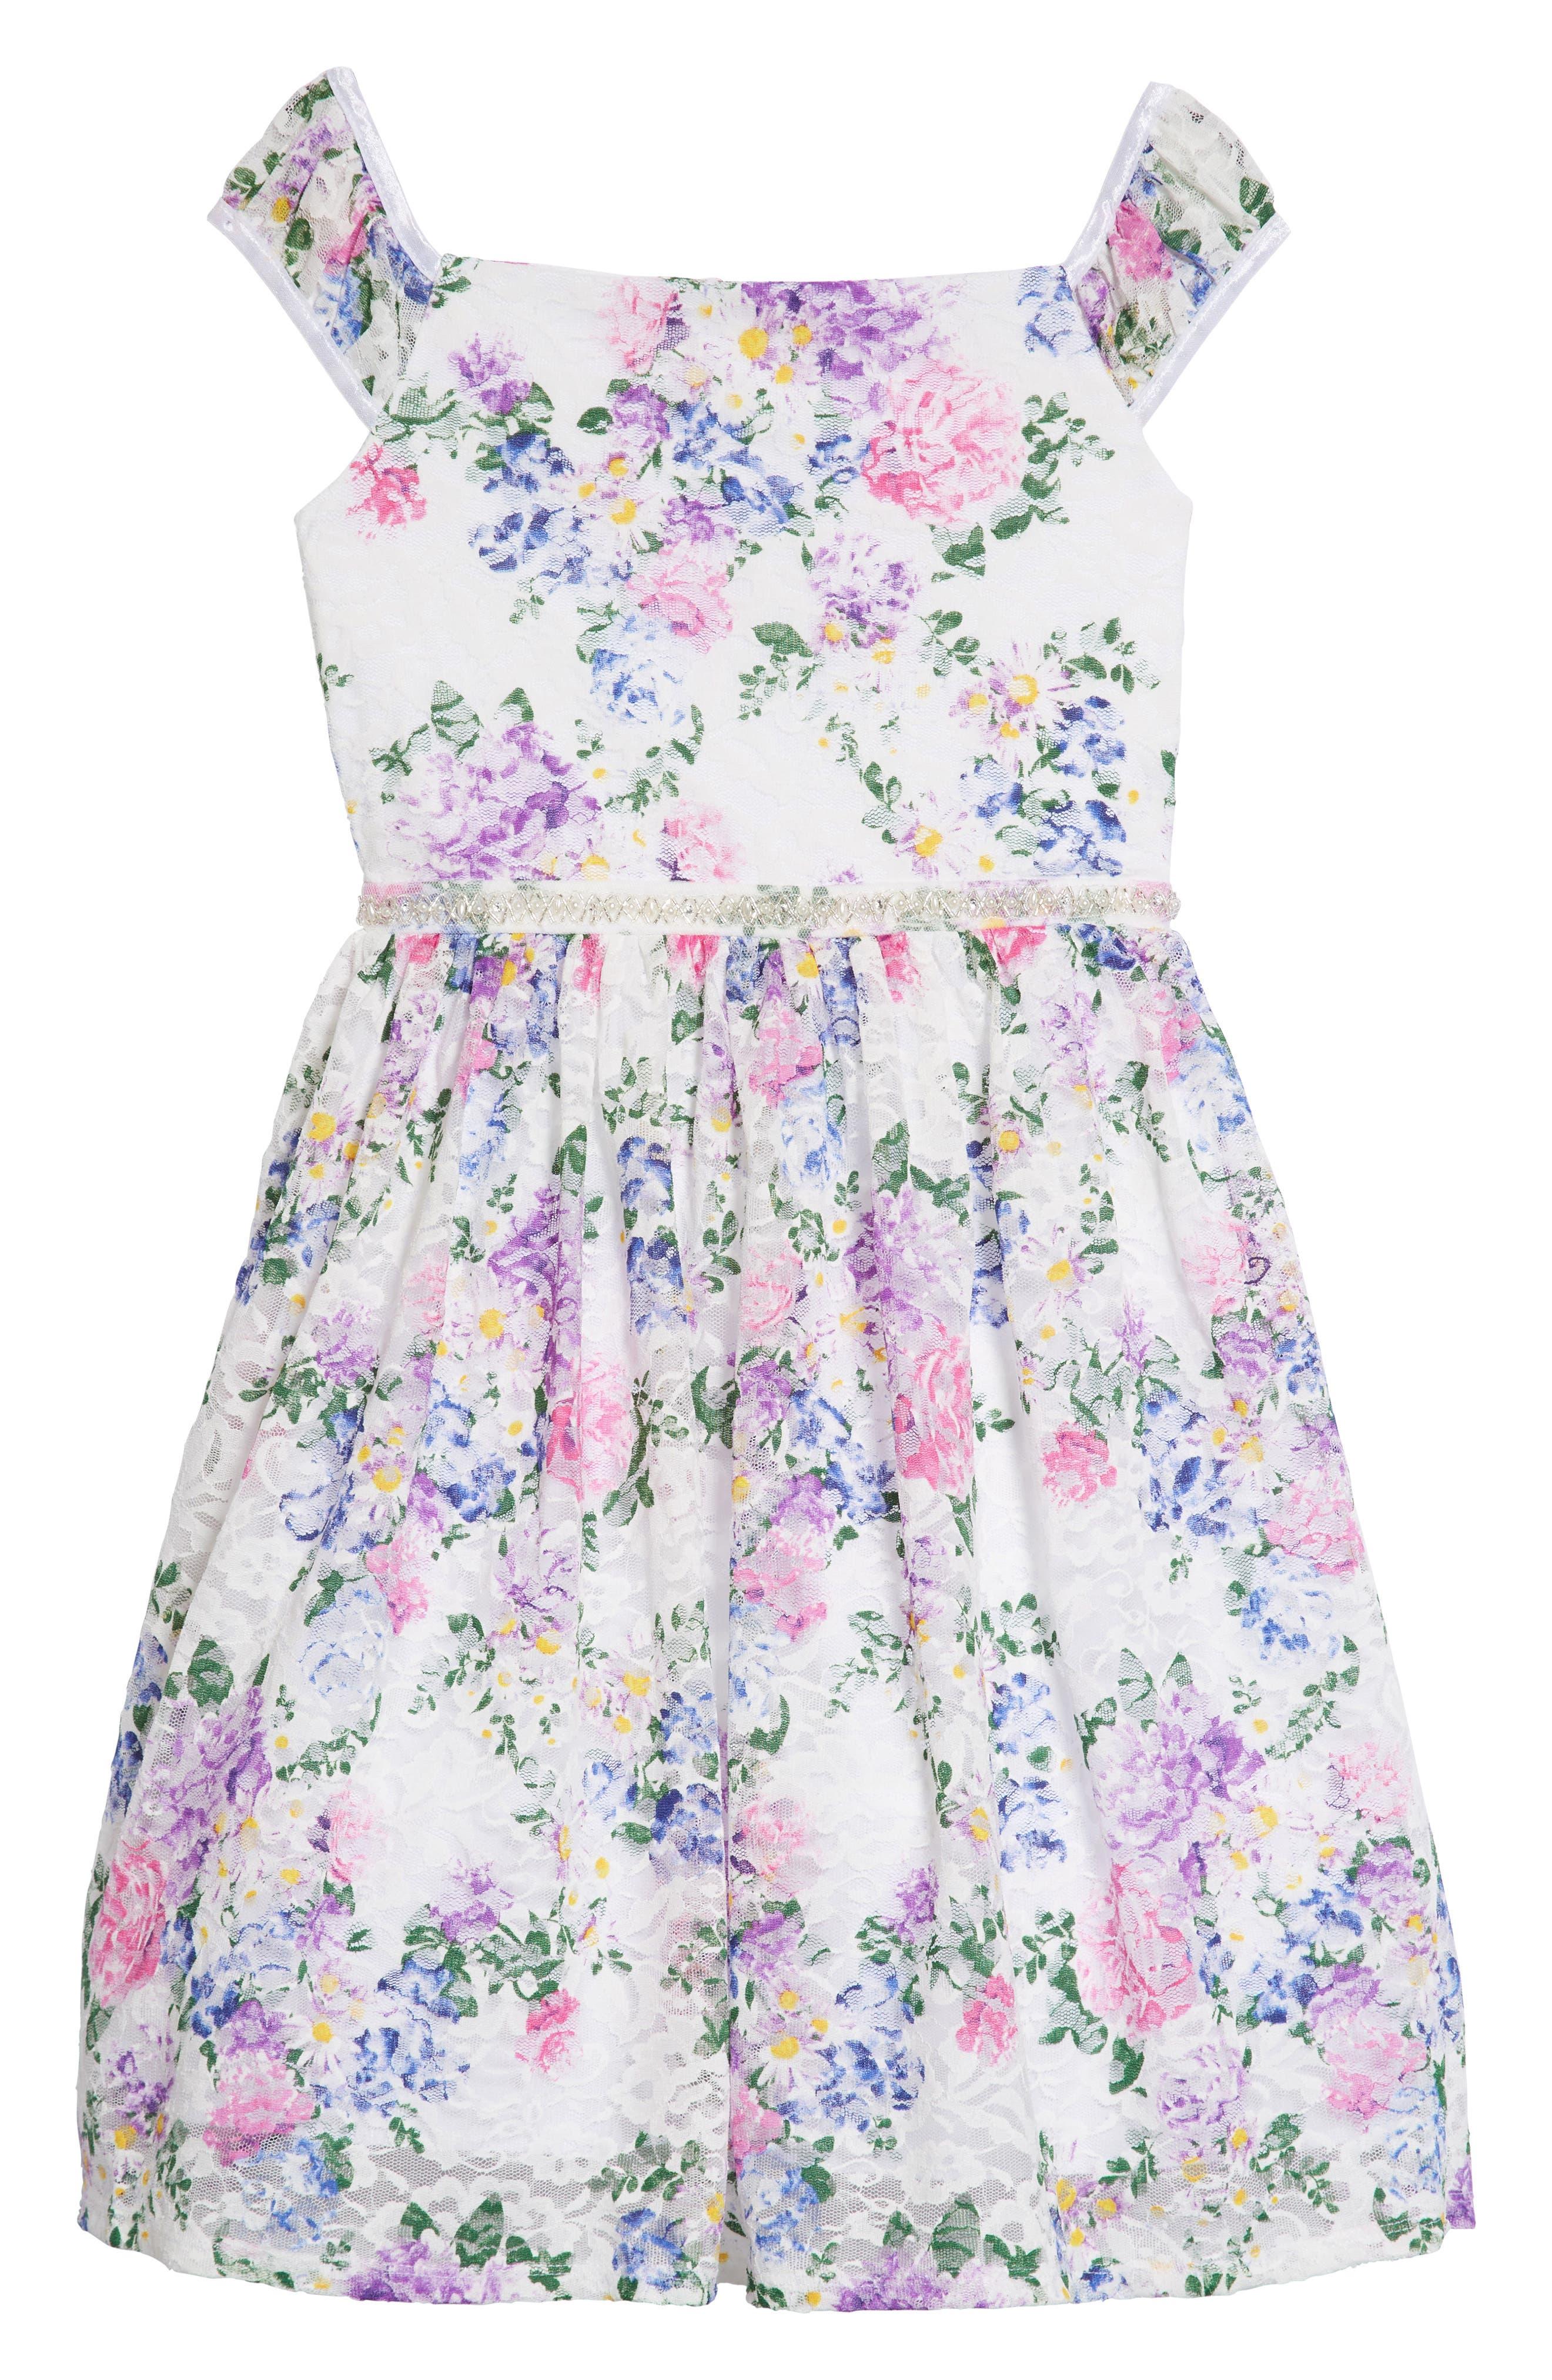 Floral Lace Dress,                         Main,                         color, White/ Lavendar